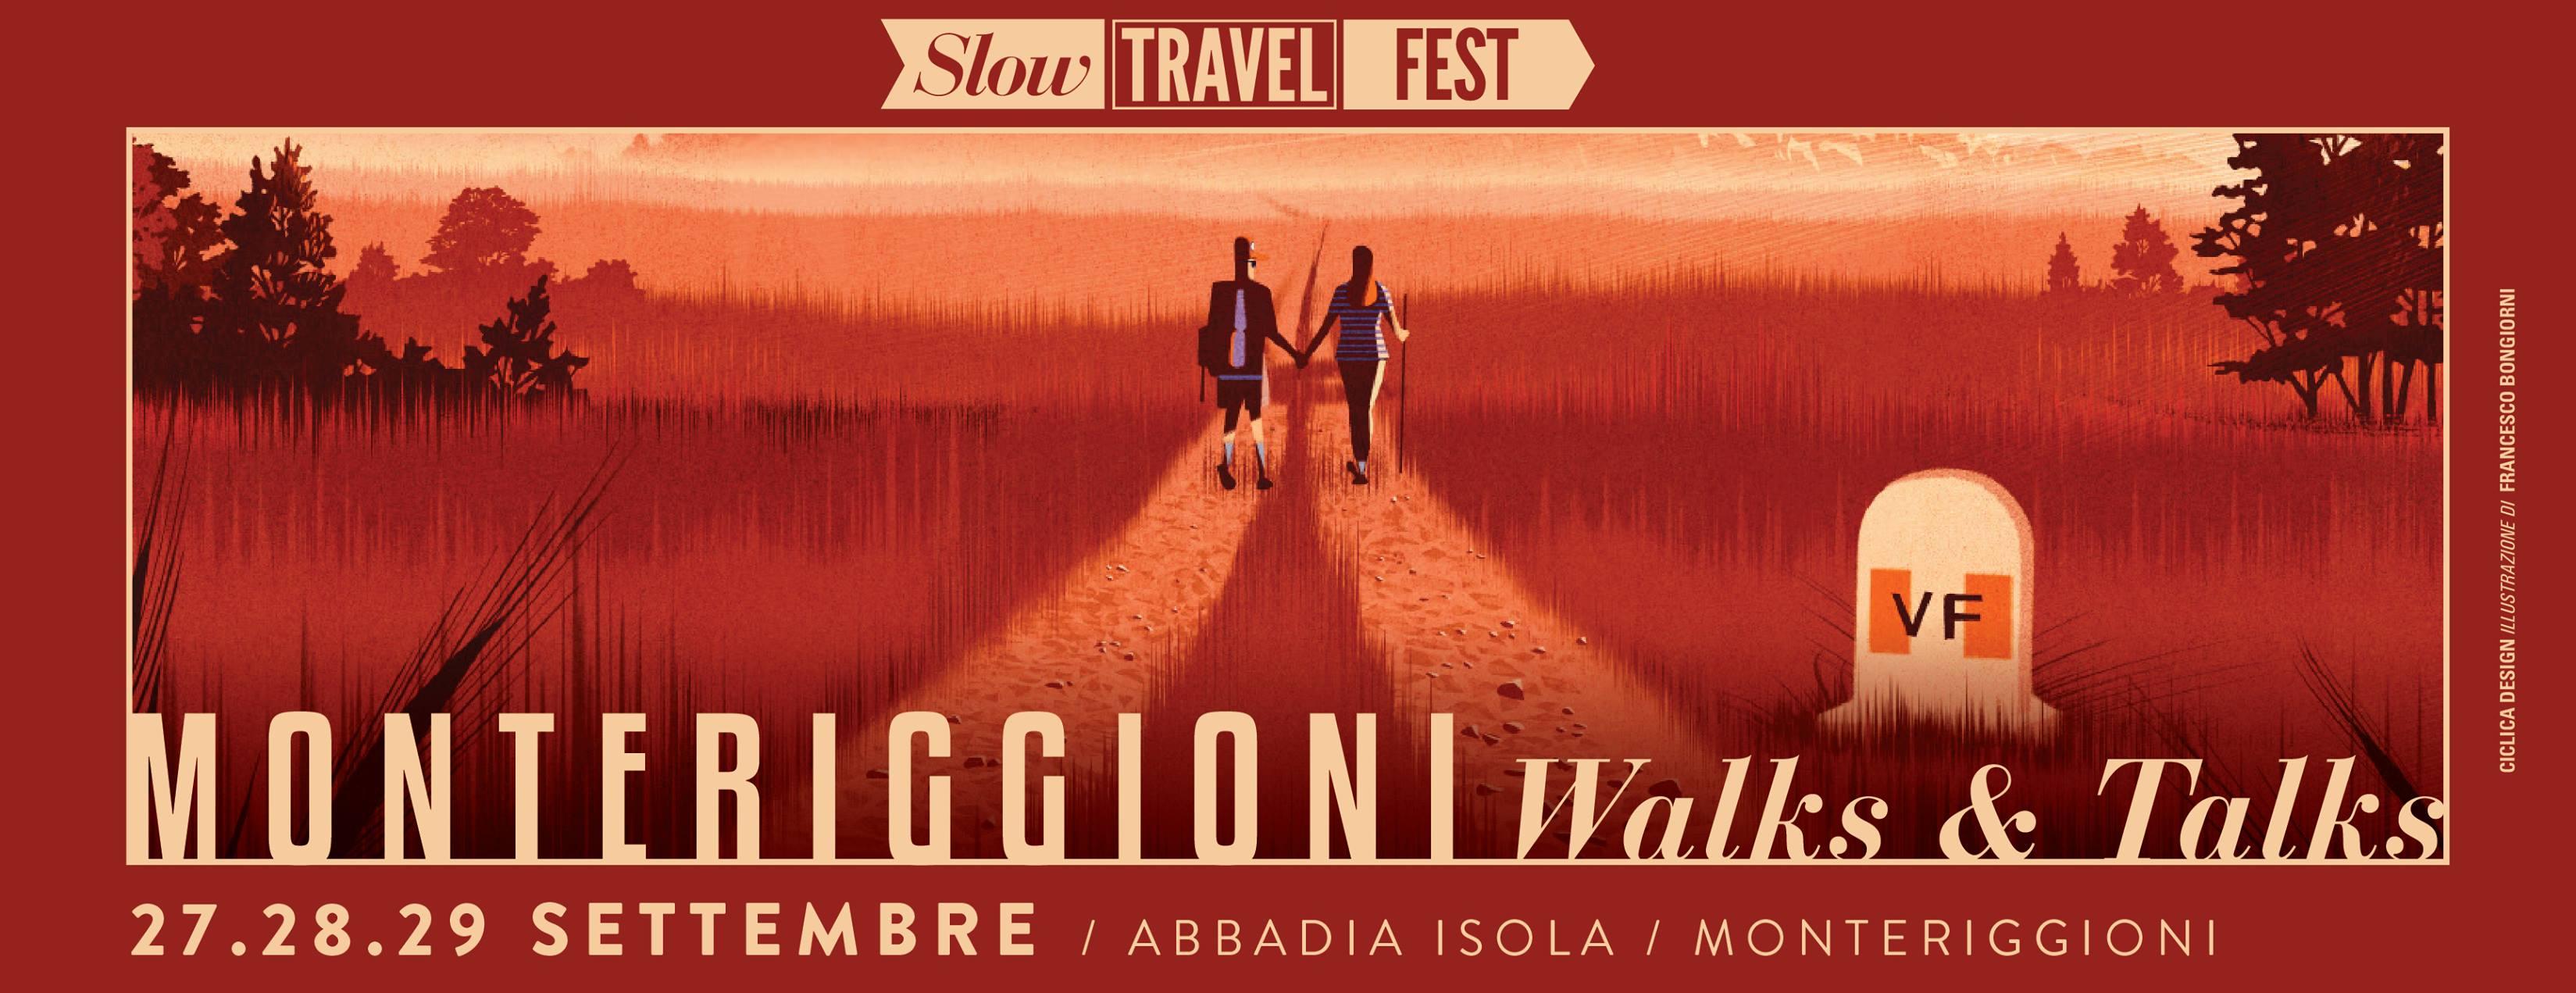 Passeggiata di riconoscimento erbe allo Slow Travel Fest 7